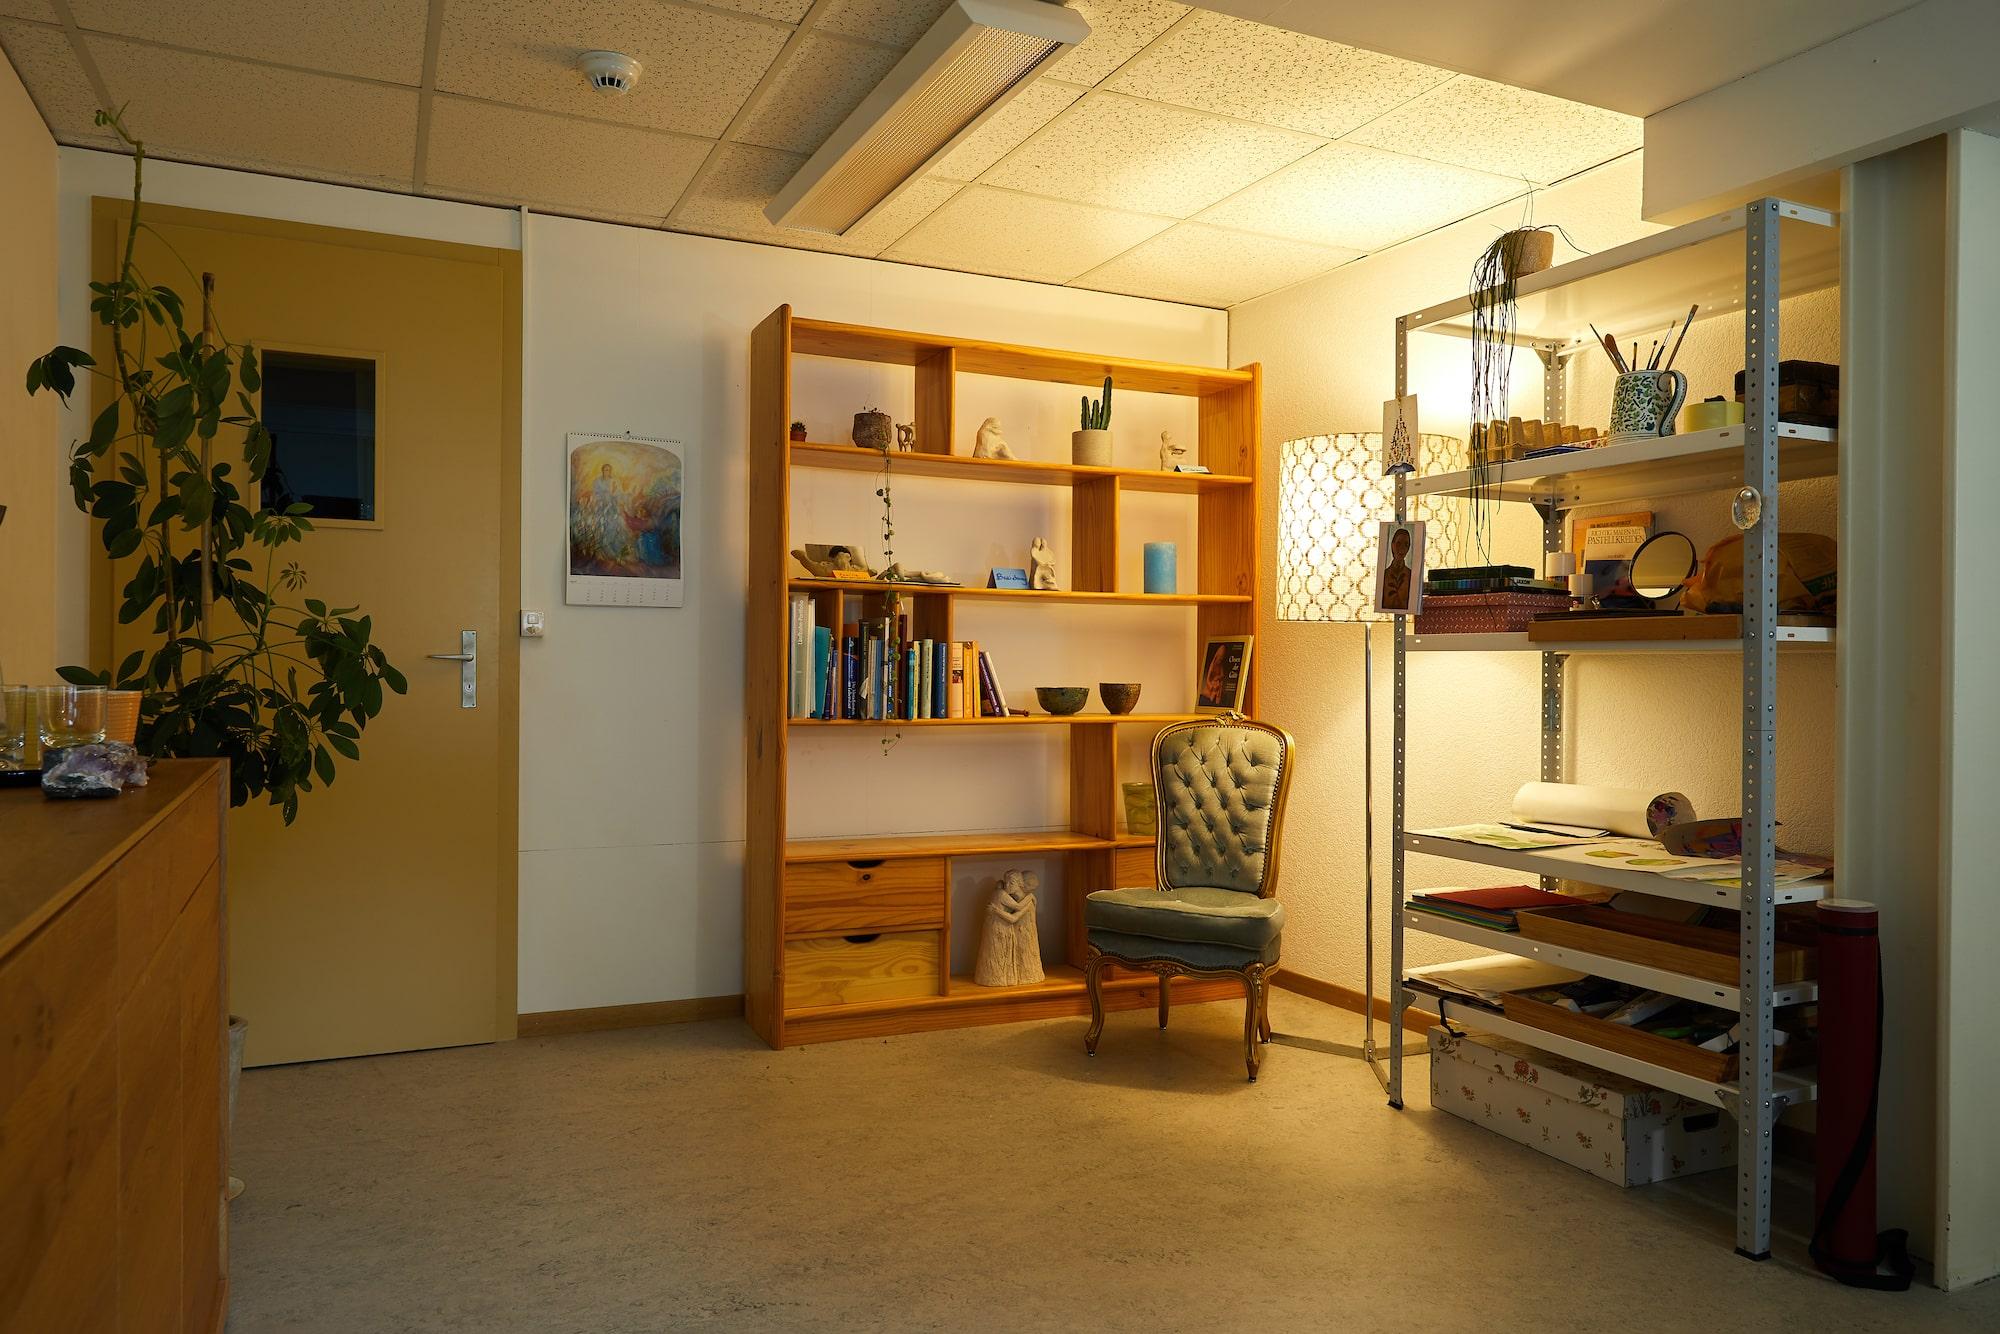 2-Atelier-innen-2-min.jpg